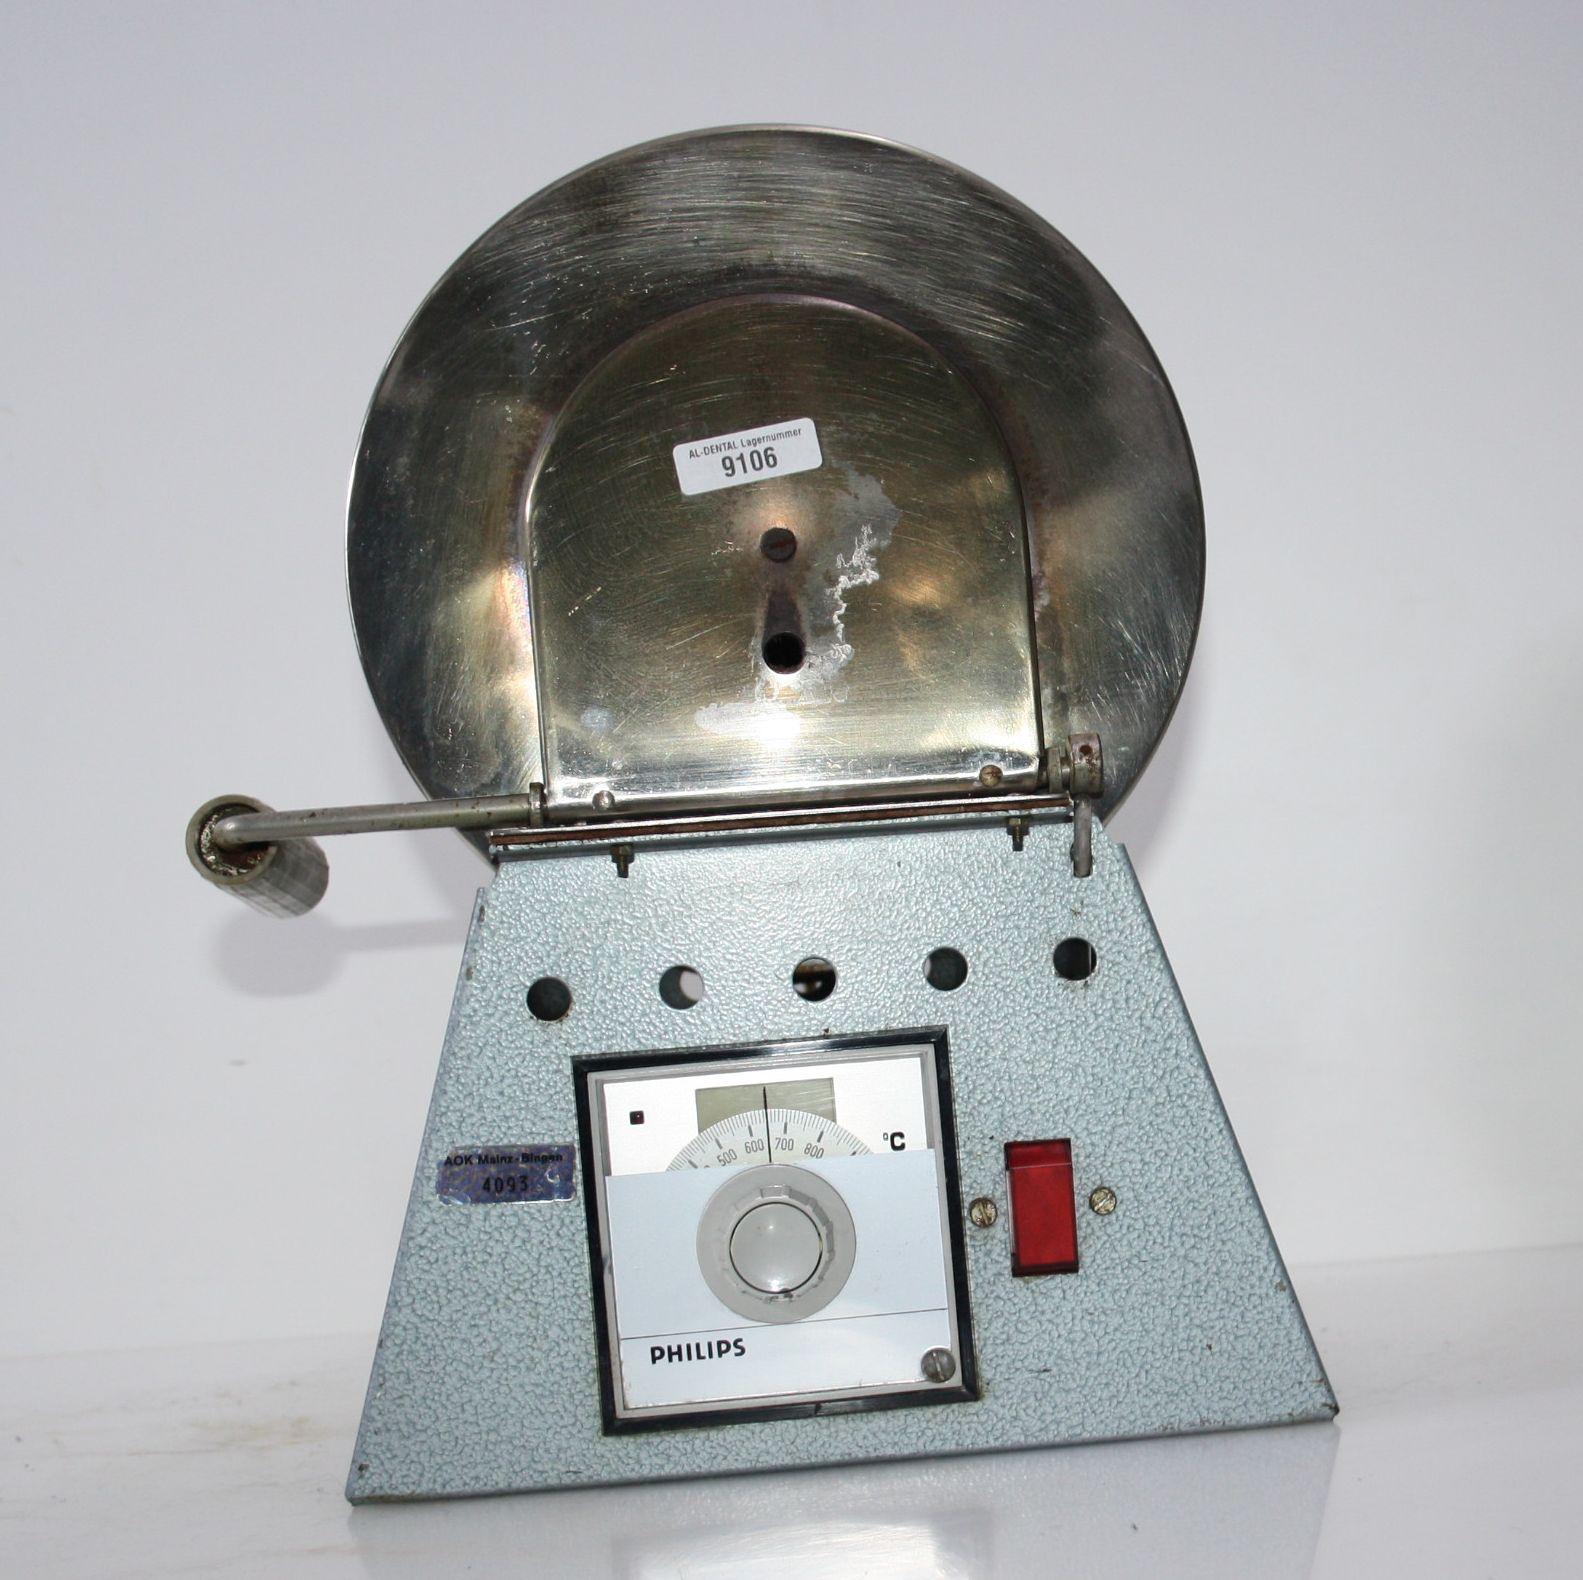 MIHM-VOGT Vorwärmofen Typ VM-E # 9106